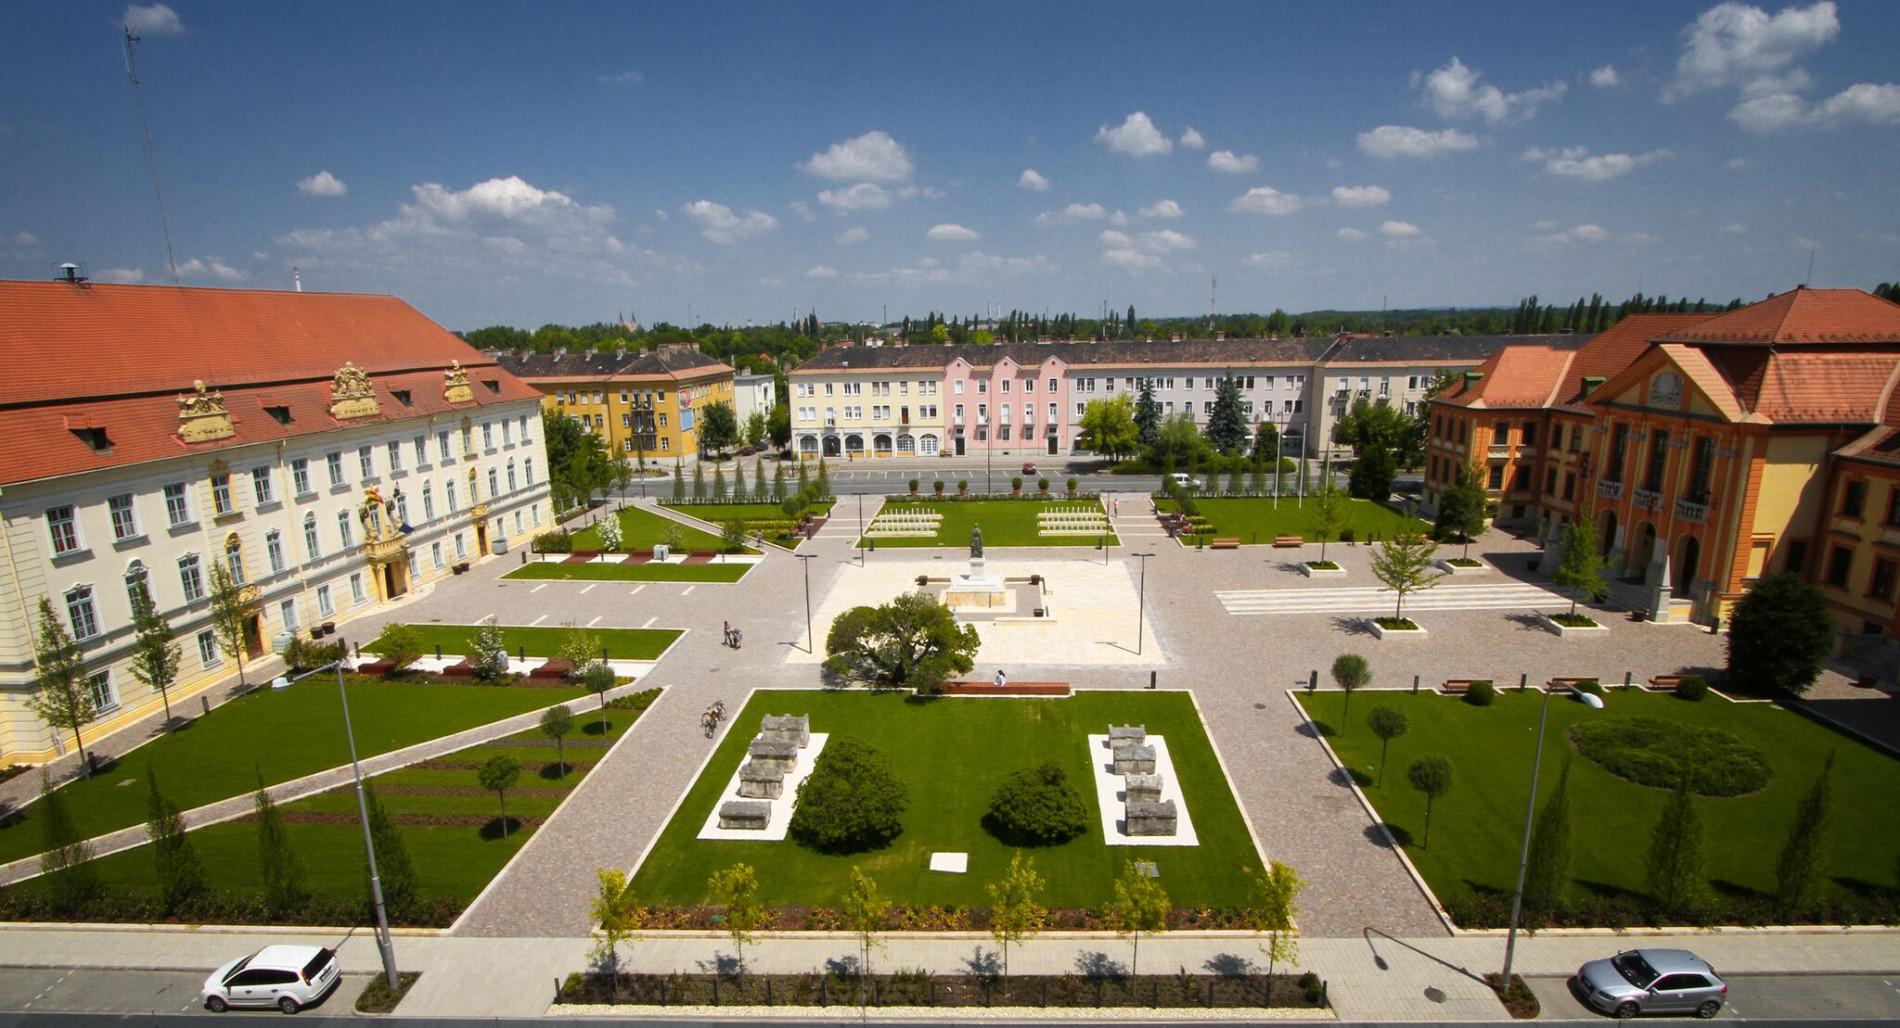 Komarno Hauptplatz